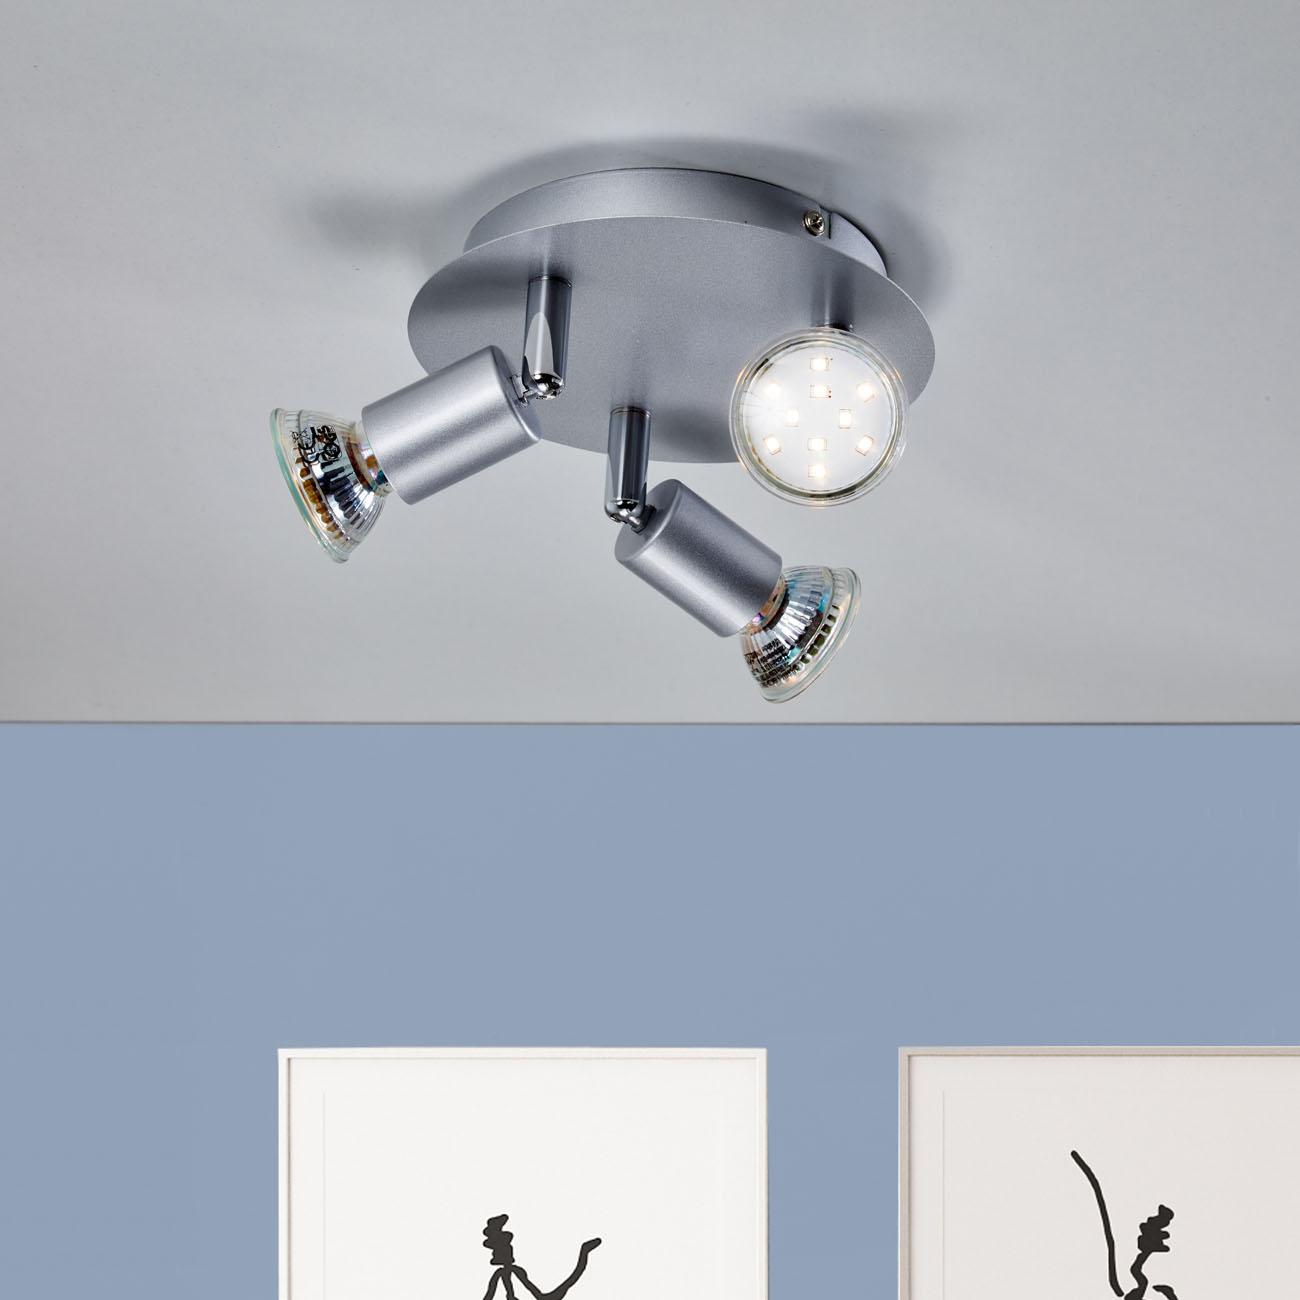 LED Deckenstrahler Deckenspot 3-flammig matt-nickel - 2